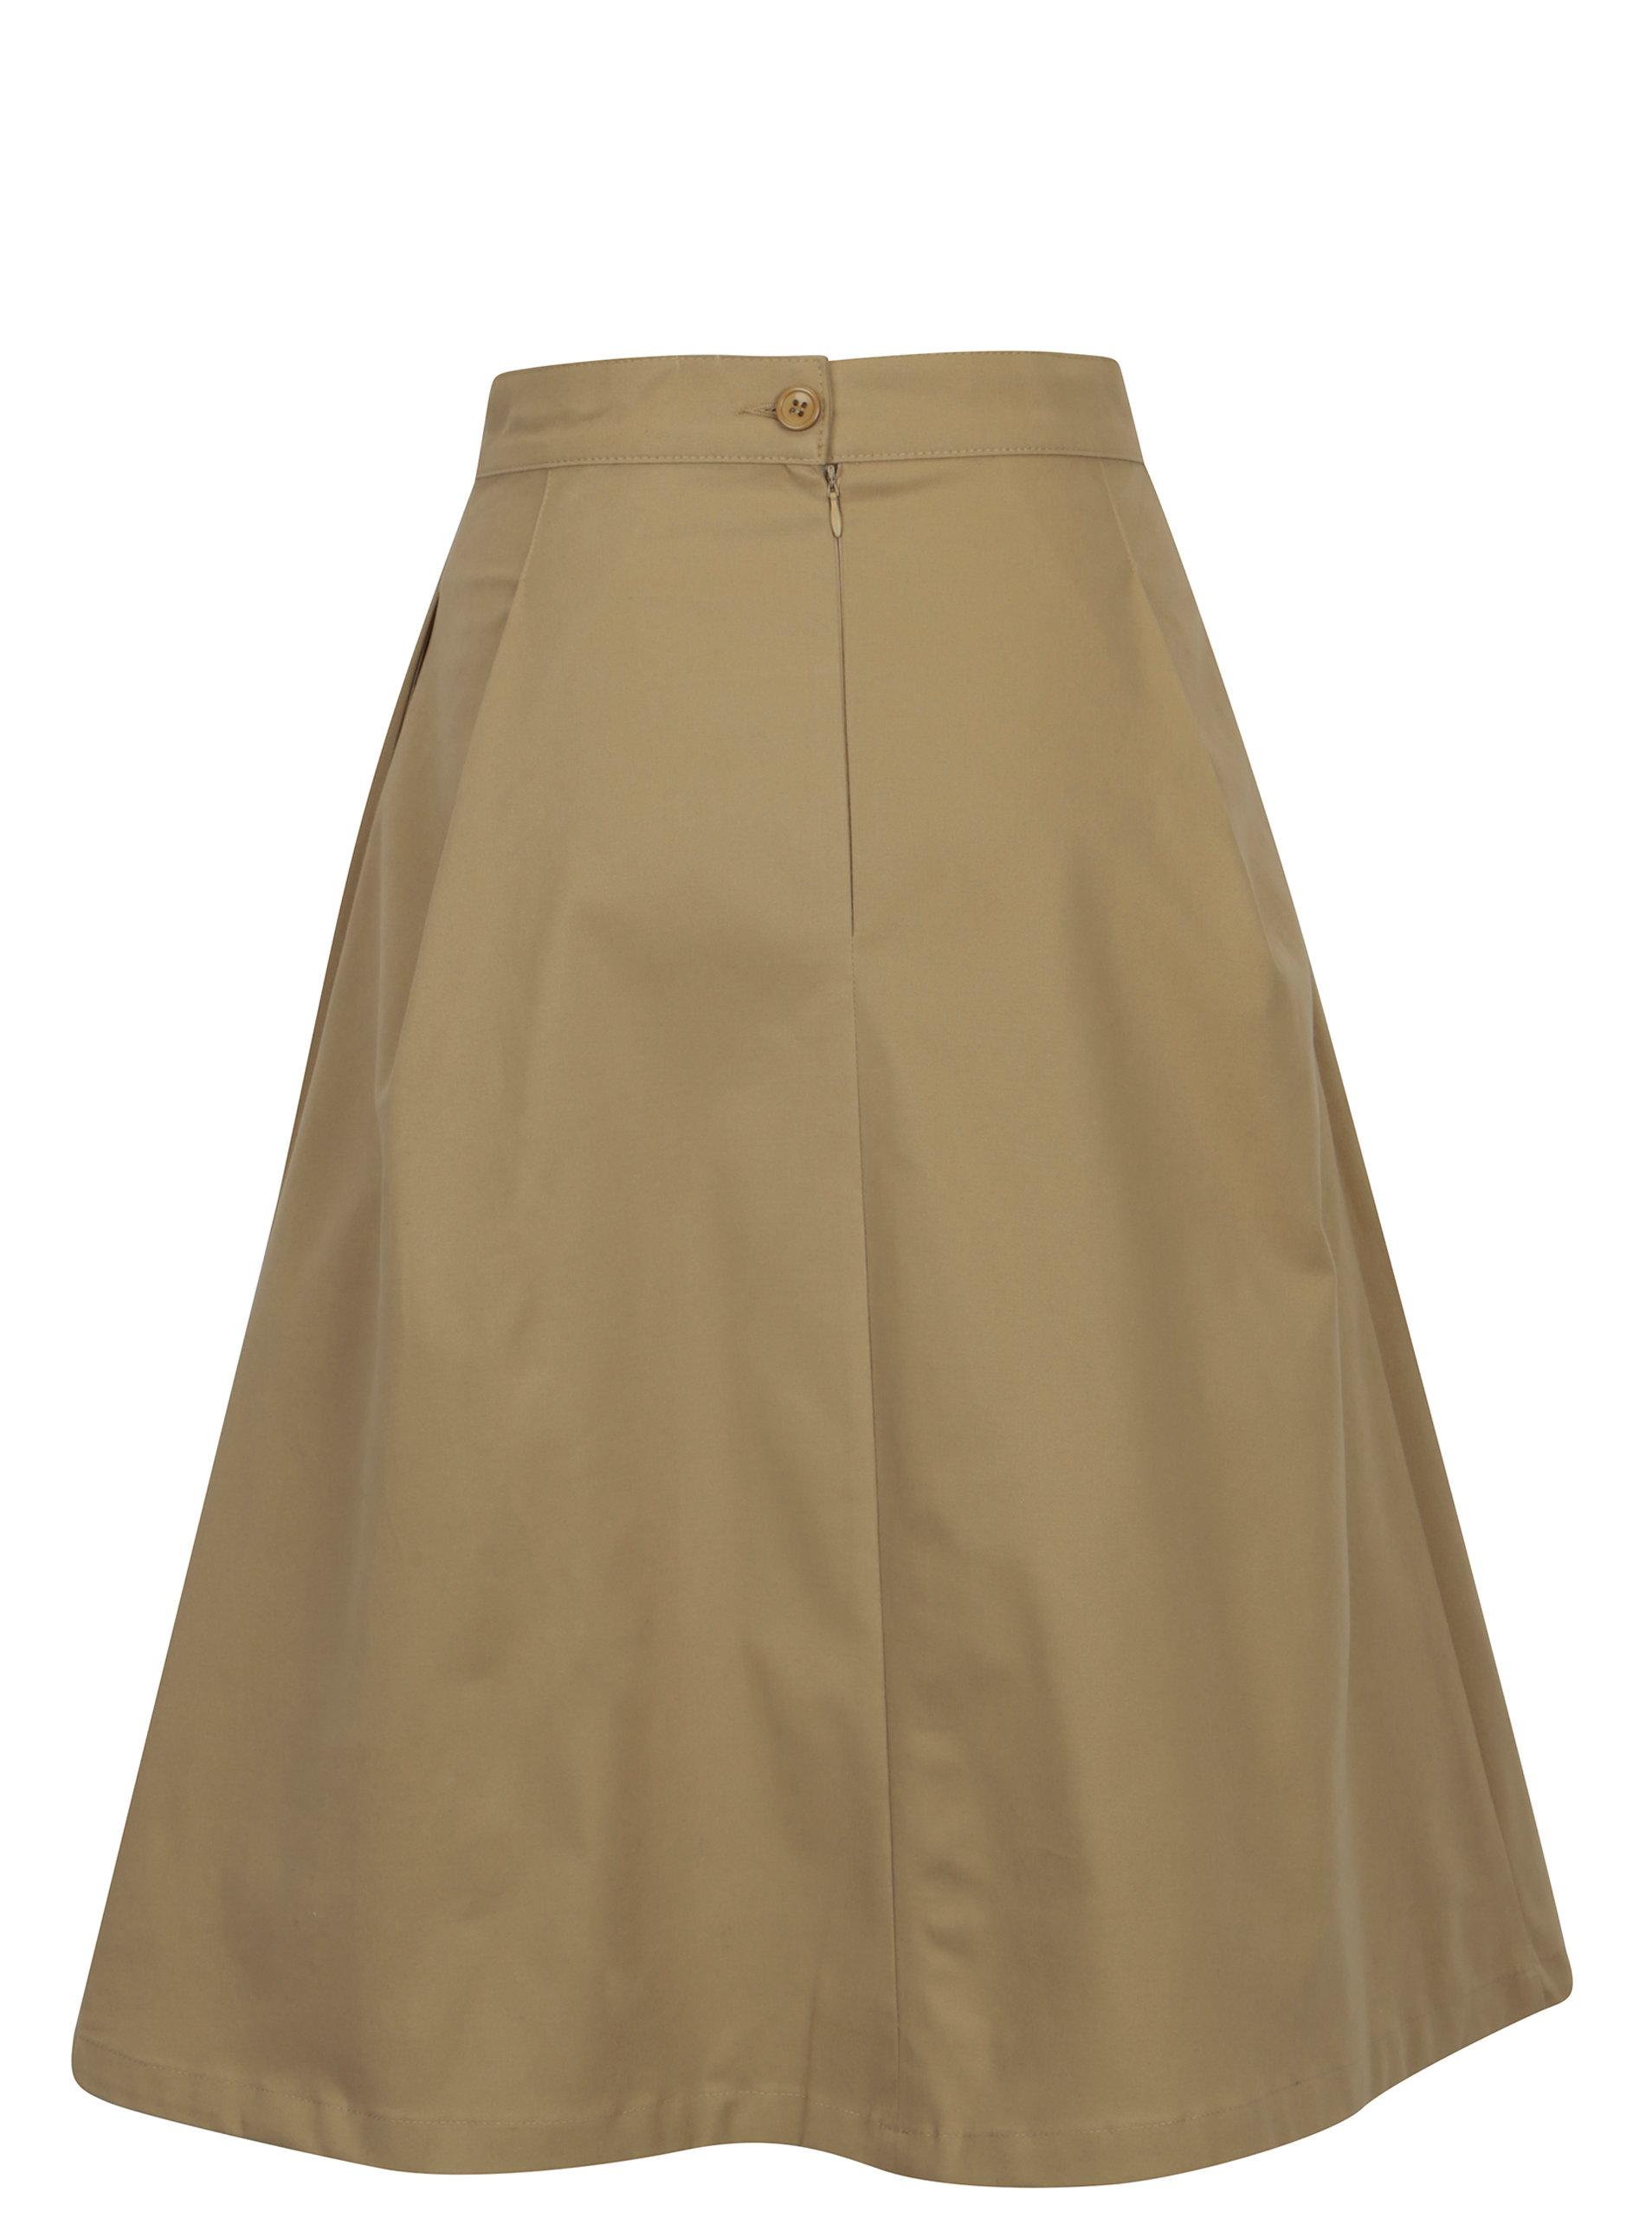 a2c944893e3 Béžová áčková sukně s vysokým pasem Makia ...